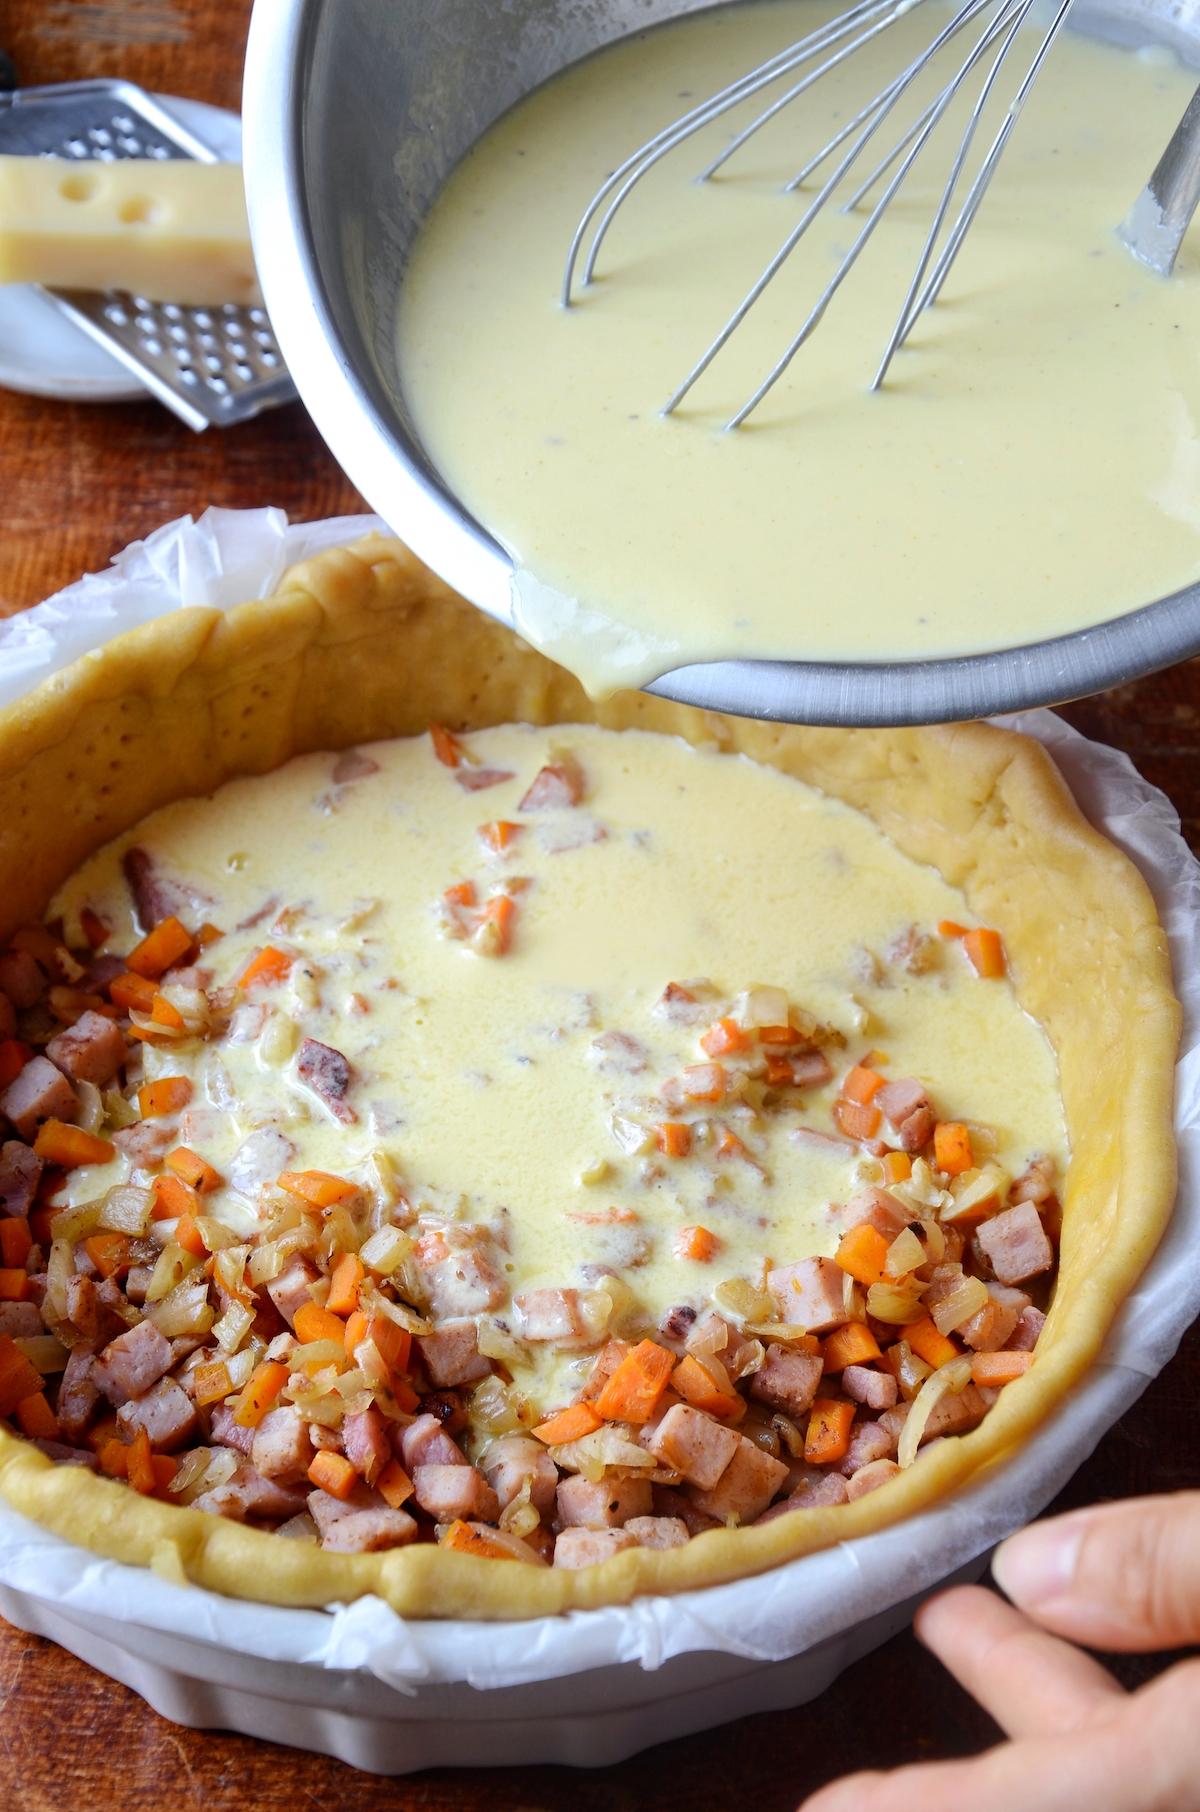 recette quiche lorraine épaisse et moelleuse jambon lardon oignon carotte